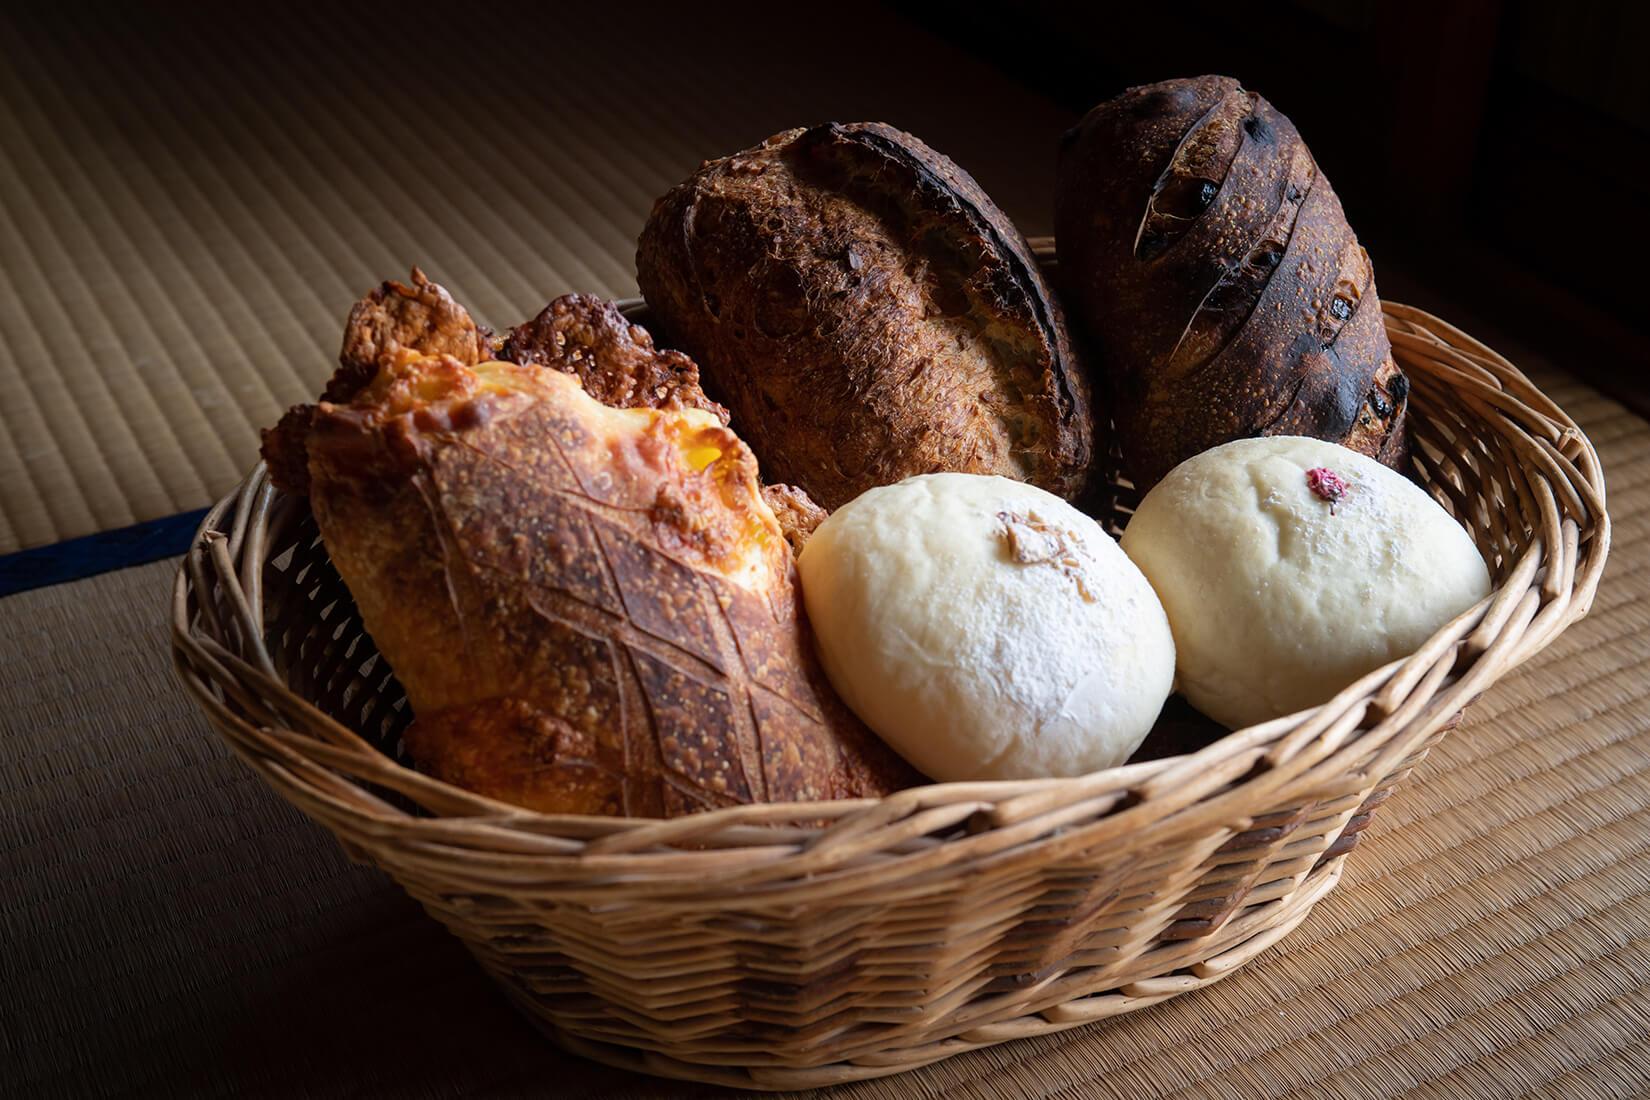 ゴールドコーストからはじまった、おいしいパン屋さんの話。